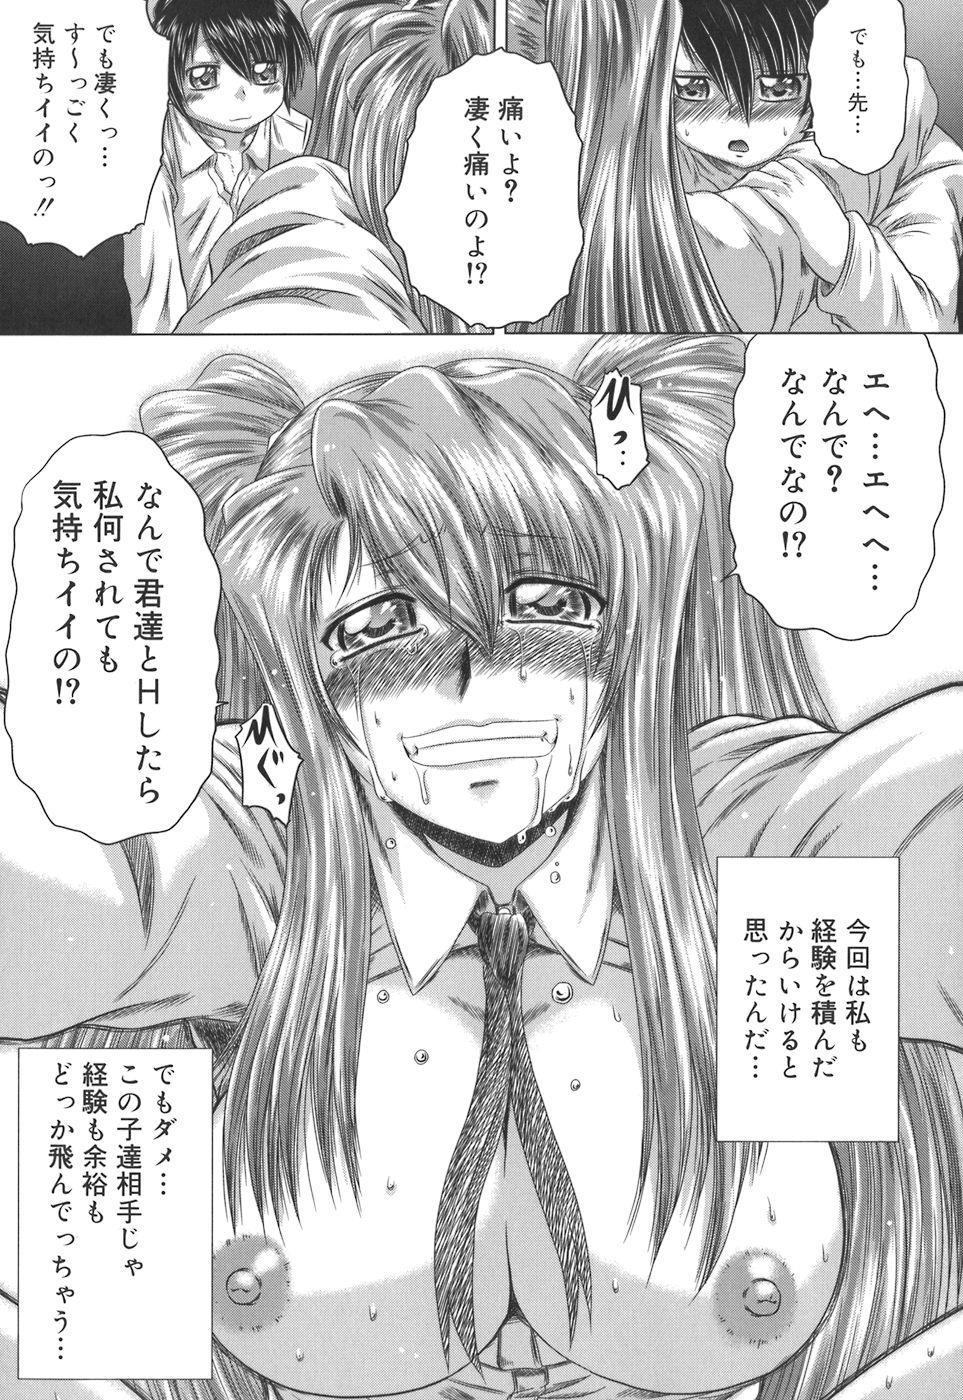 Iroka no Himitsu 84